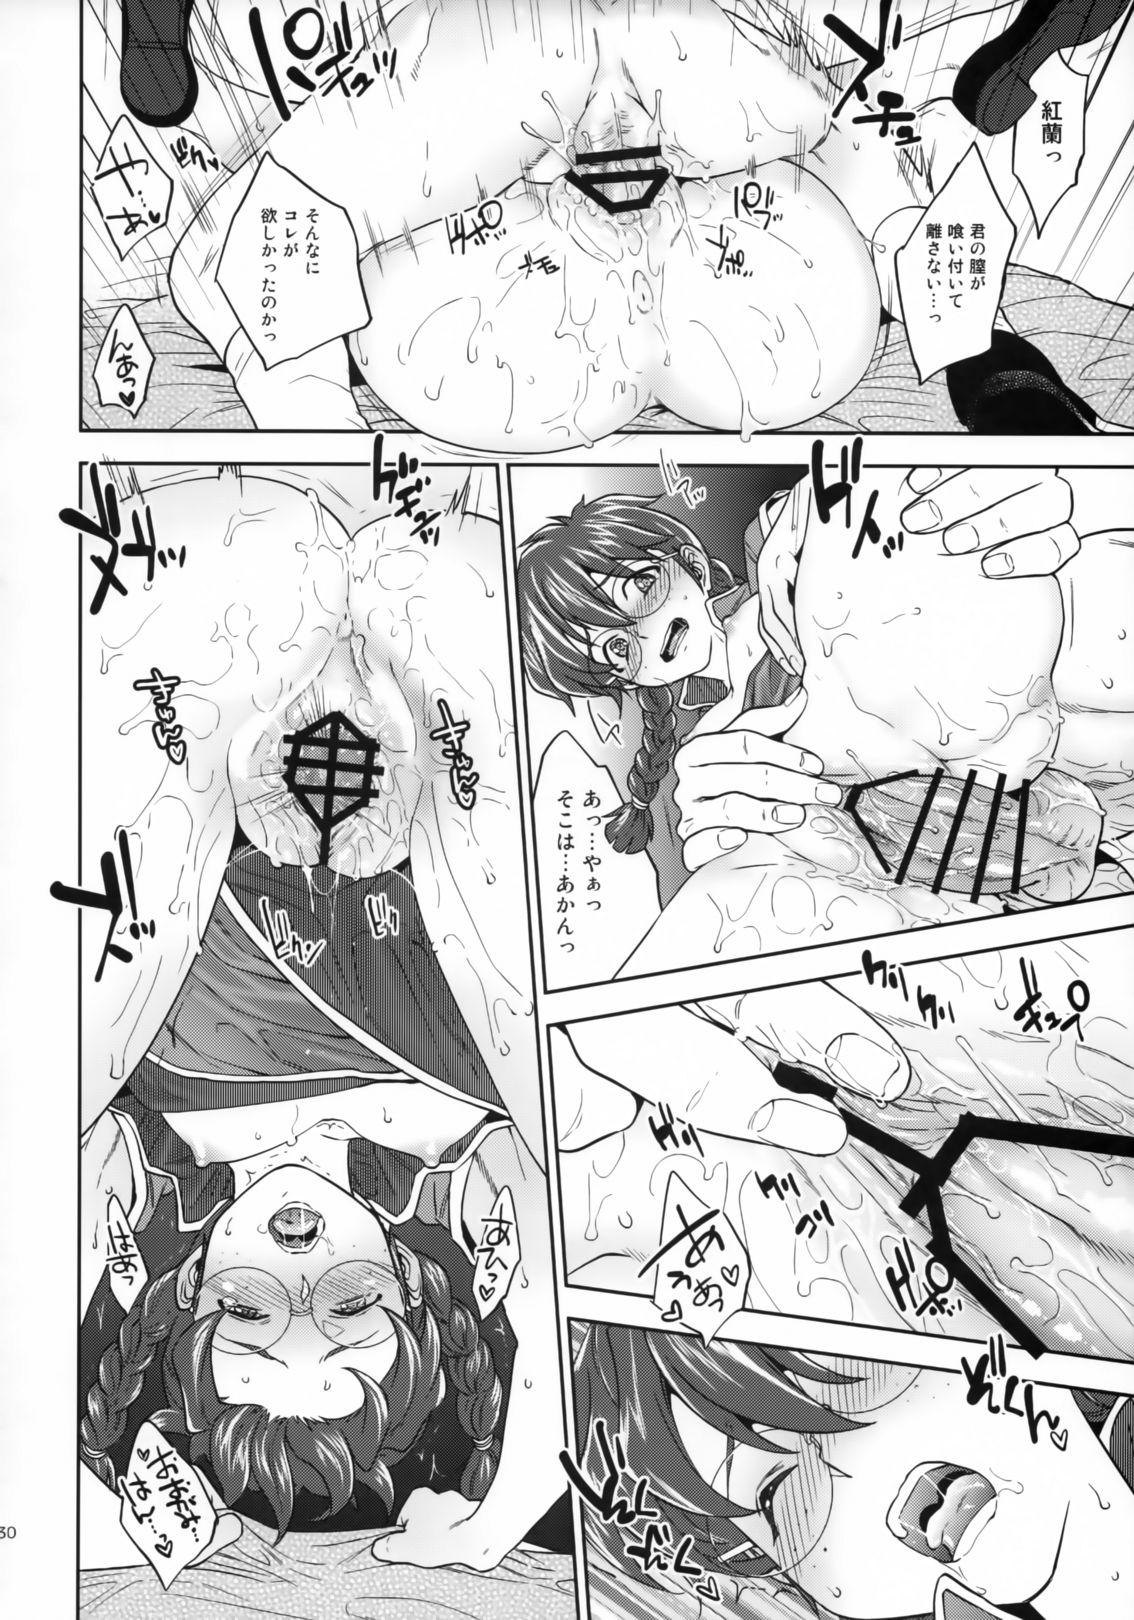 ア・・・アイリスの小さな舌が・・・俺の口の中をかき回してくる!!【サクラ大戦 エロ漫画・エロ同人誌】 (29)